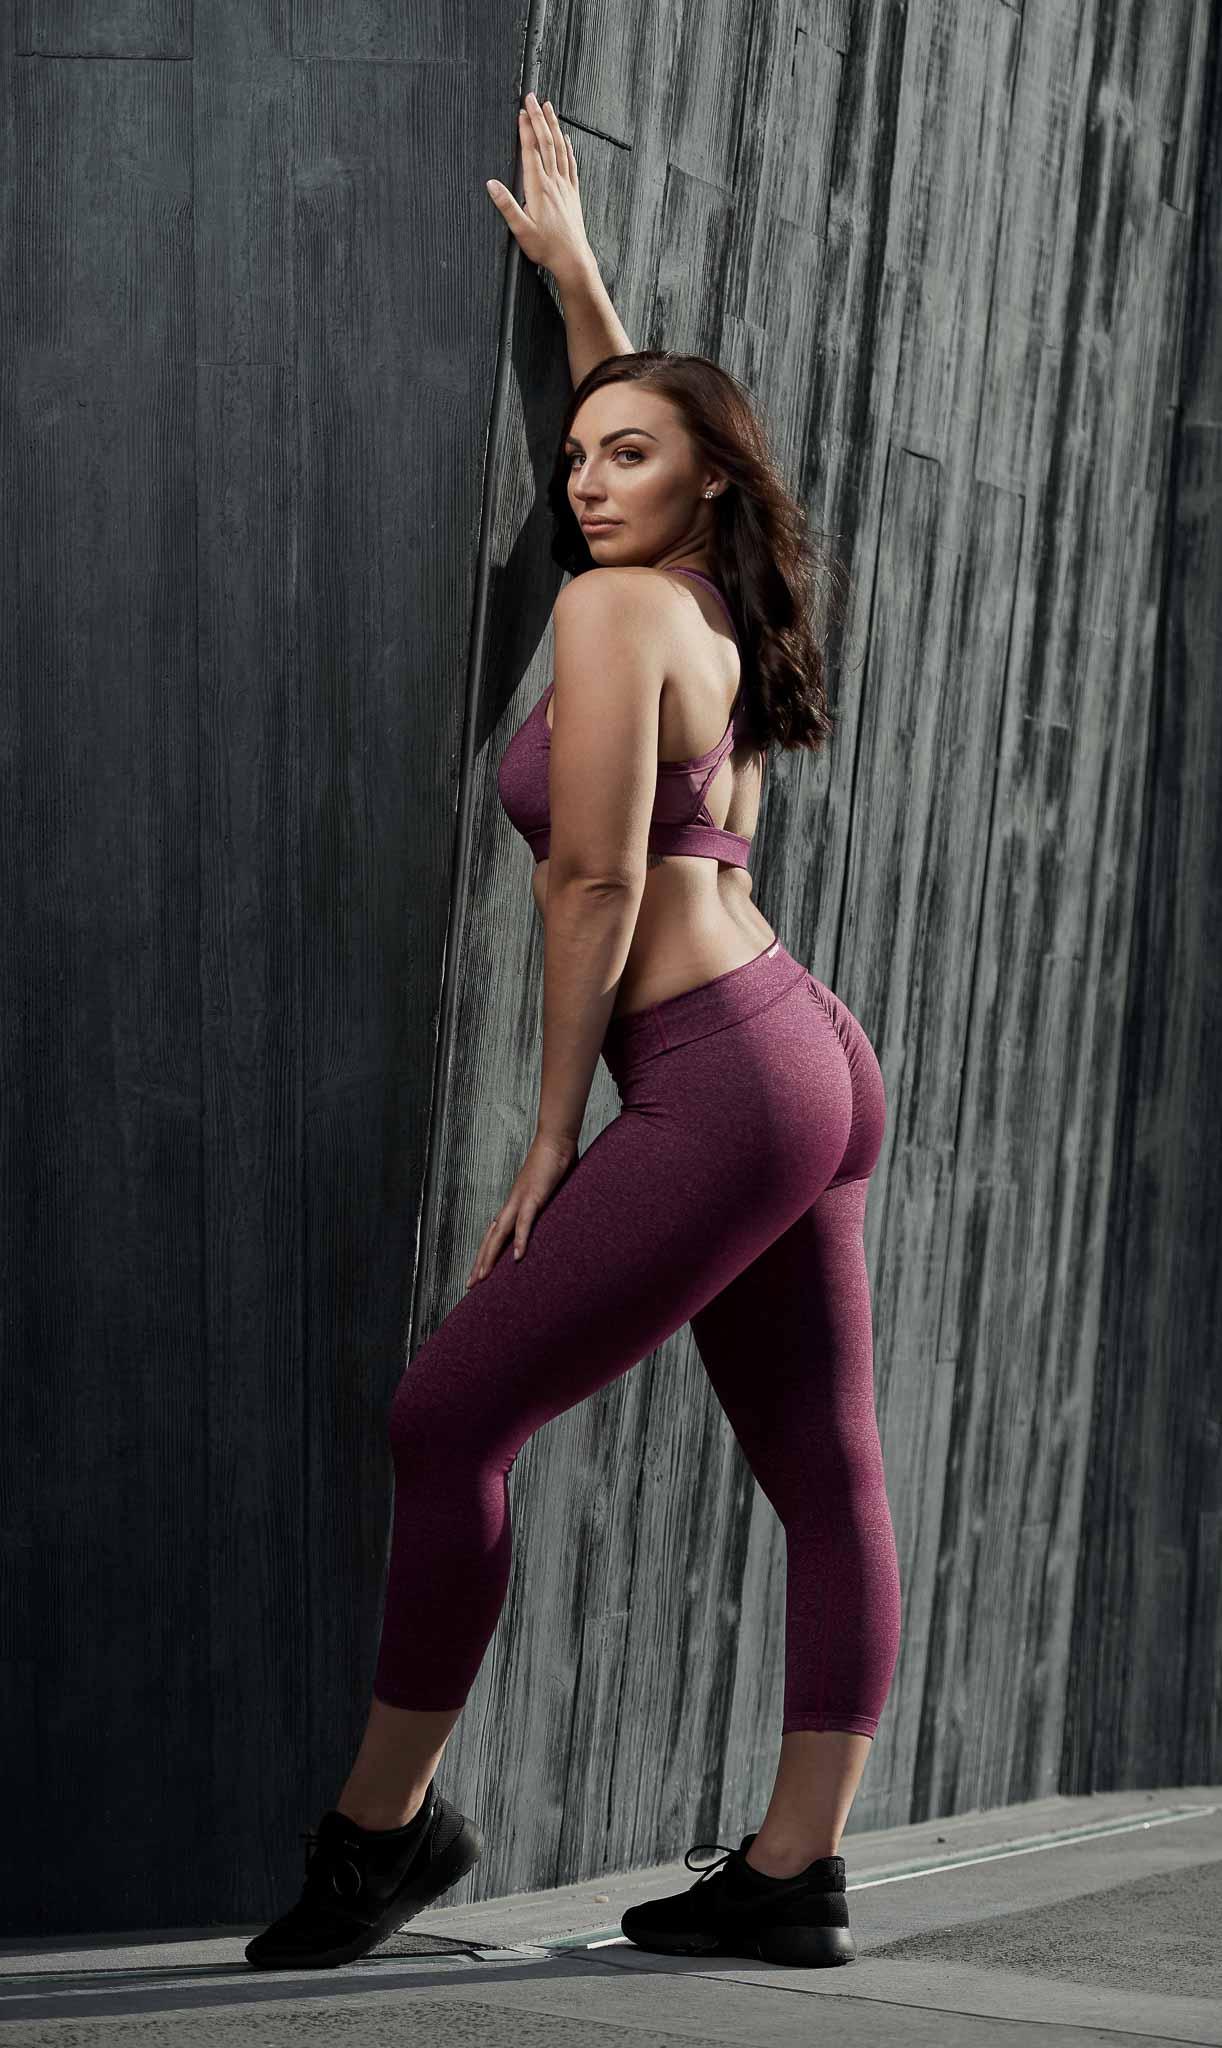 Brihannan Brisbane's female fitness talent